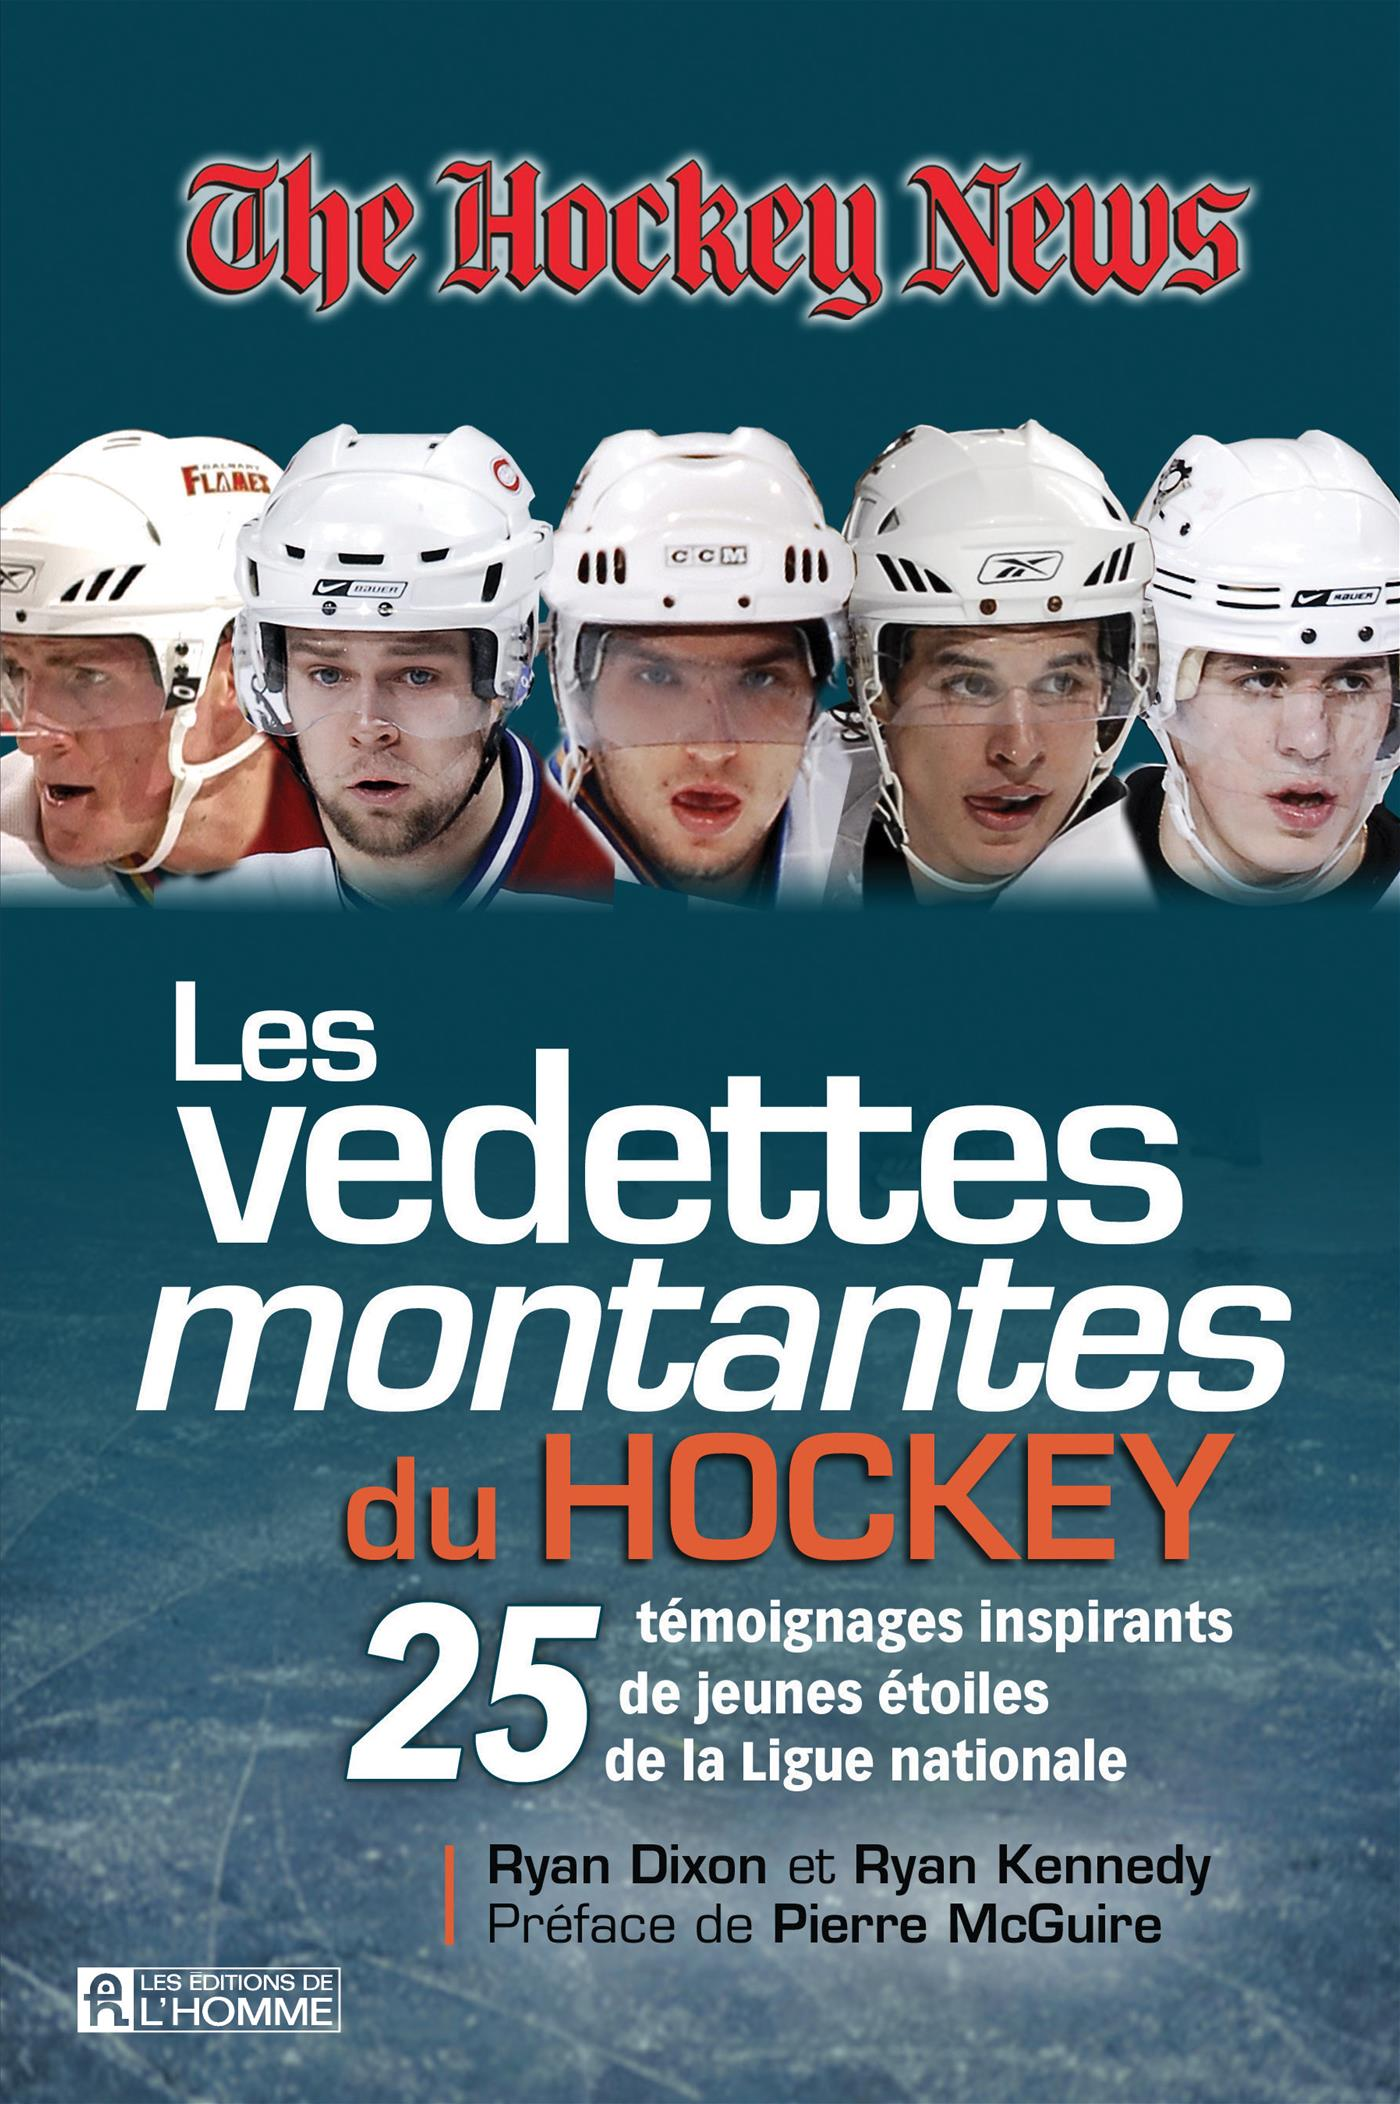 Les vedettes montantes du hockey